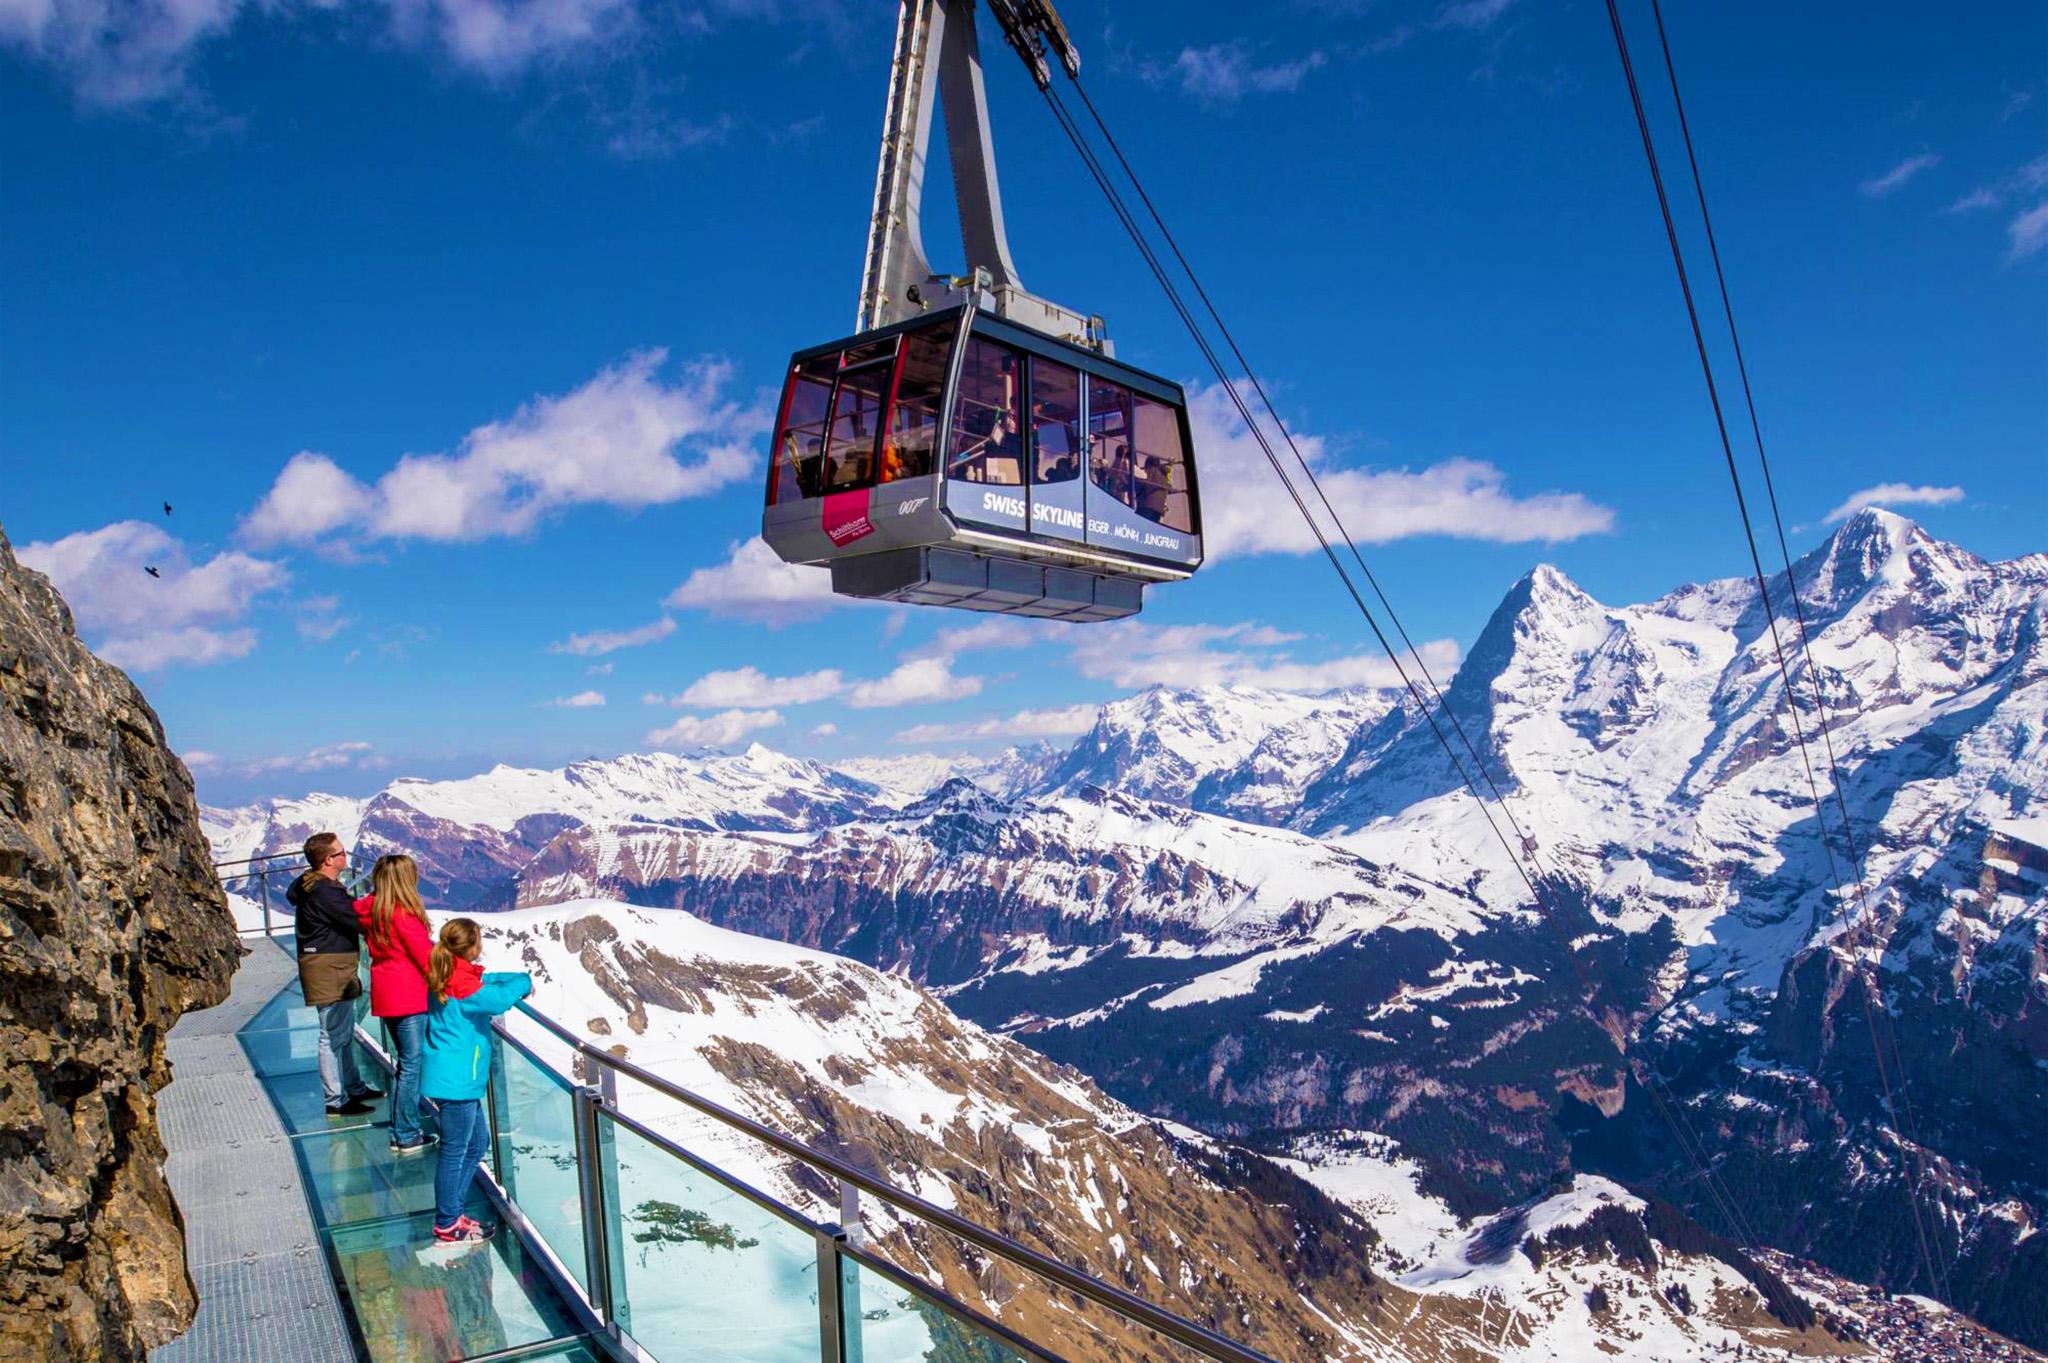 kt_2020_360_Keytours_excursions_Swisstours_interlaken_schilthorn2_2048_10